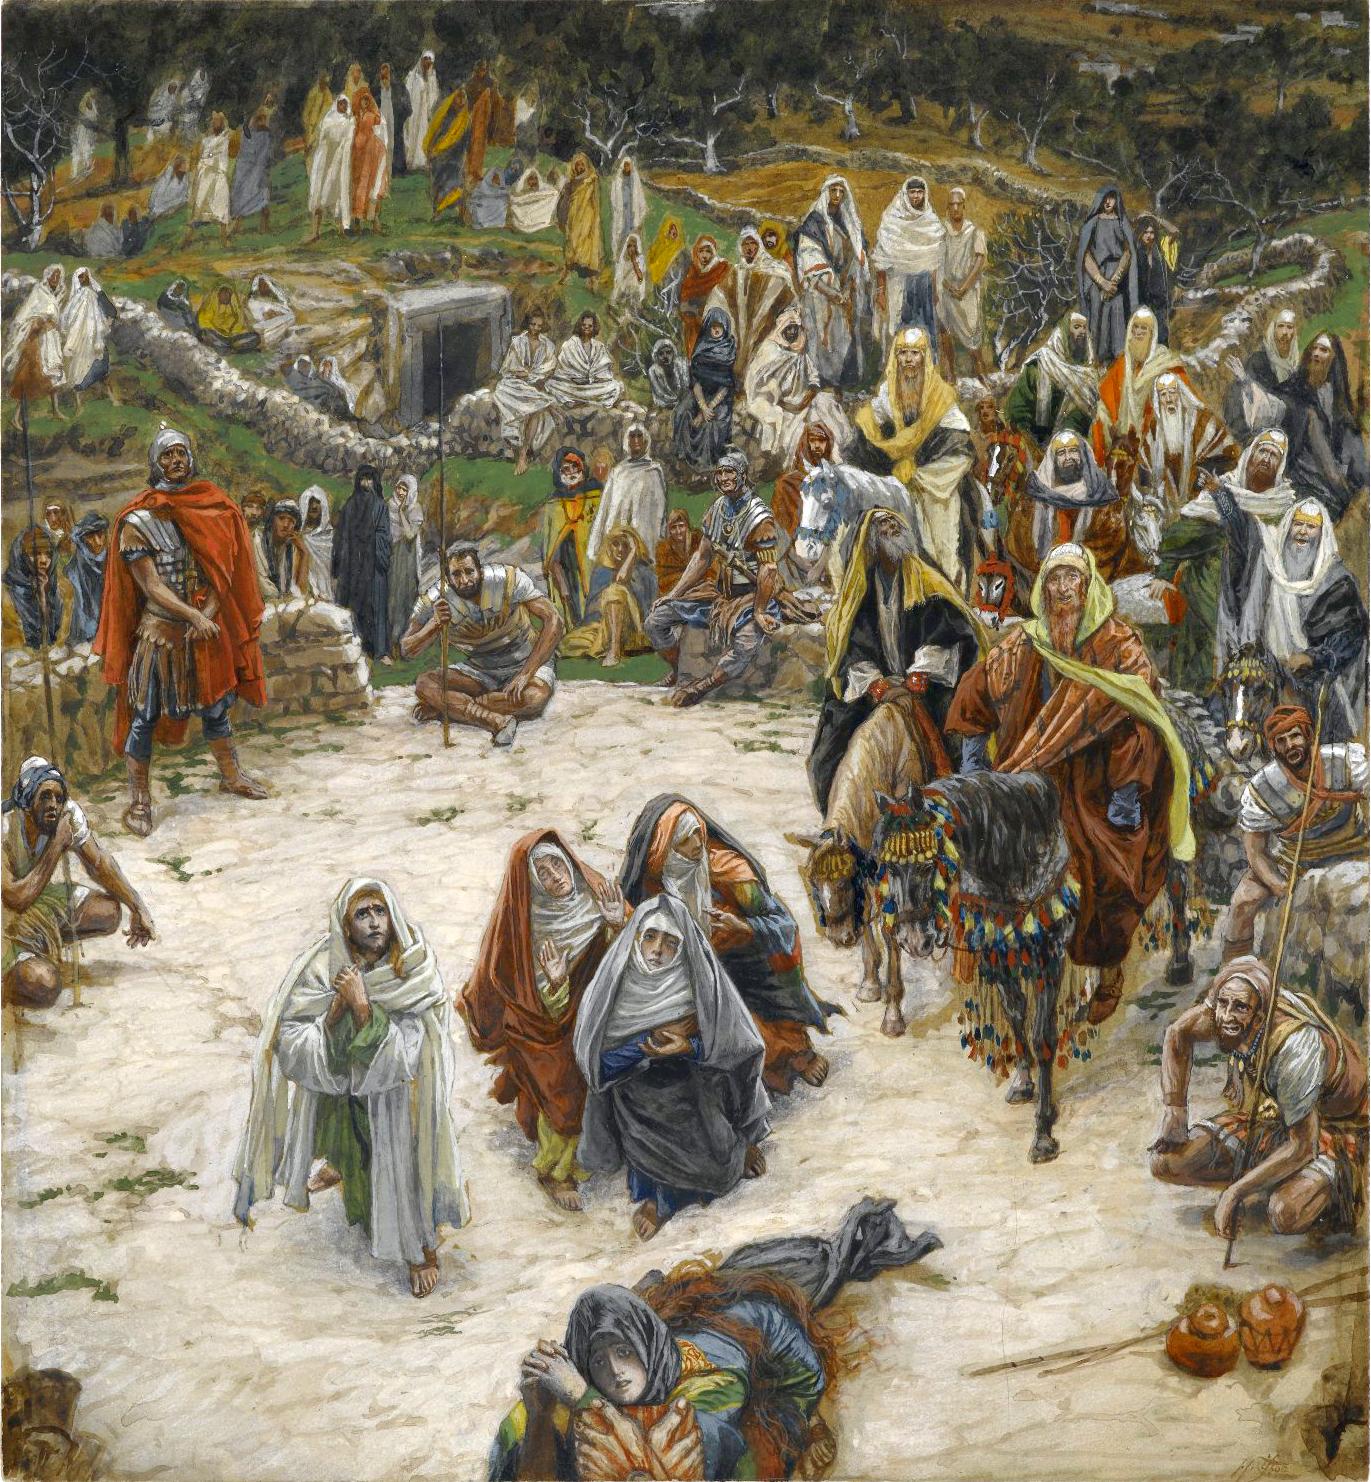 Ce que voyait Notre-Seigneur sur la Croix – Entre 1886 et 1894